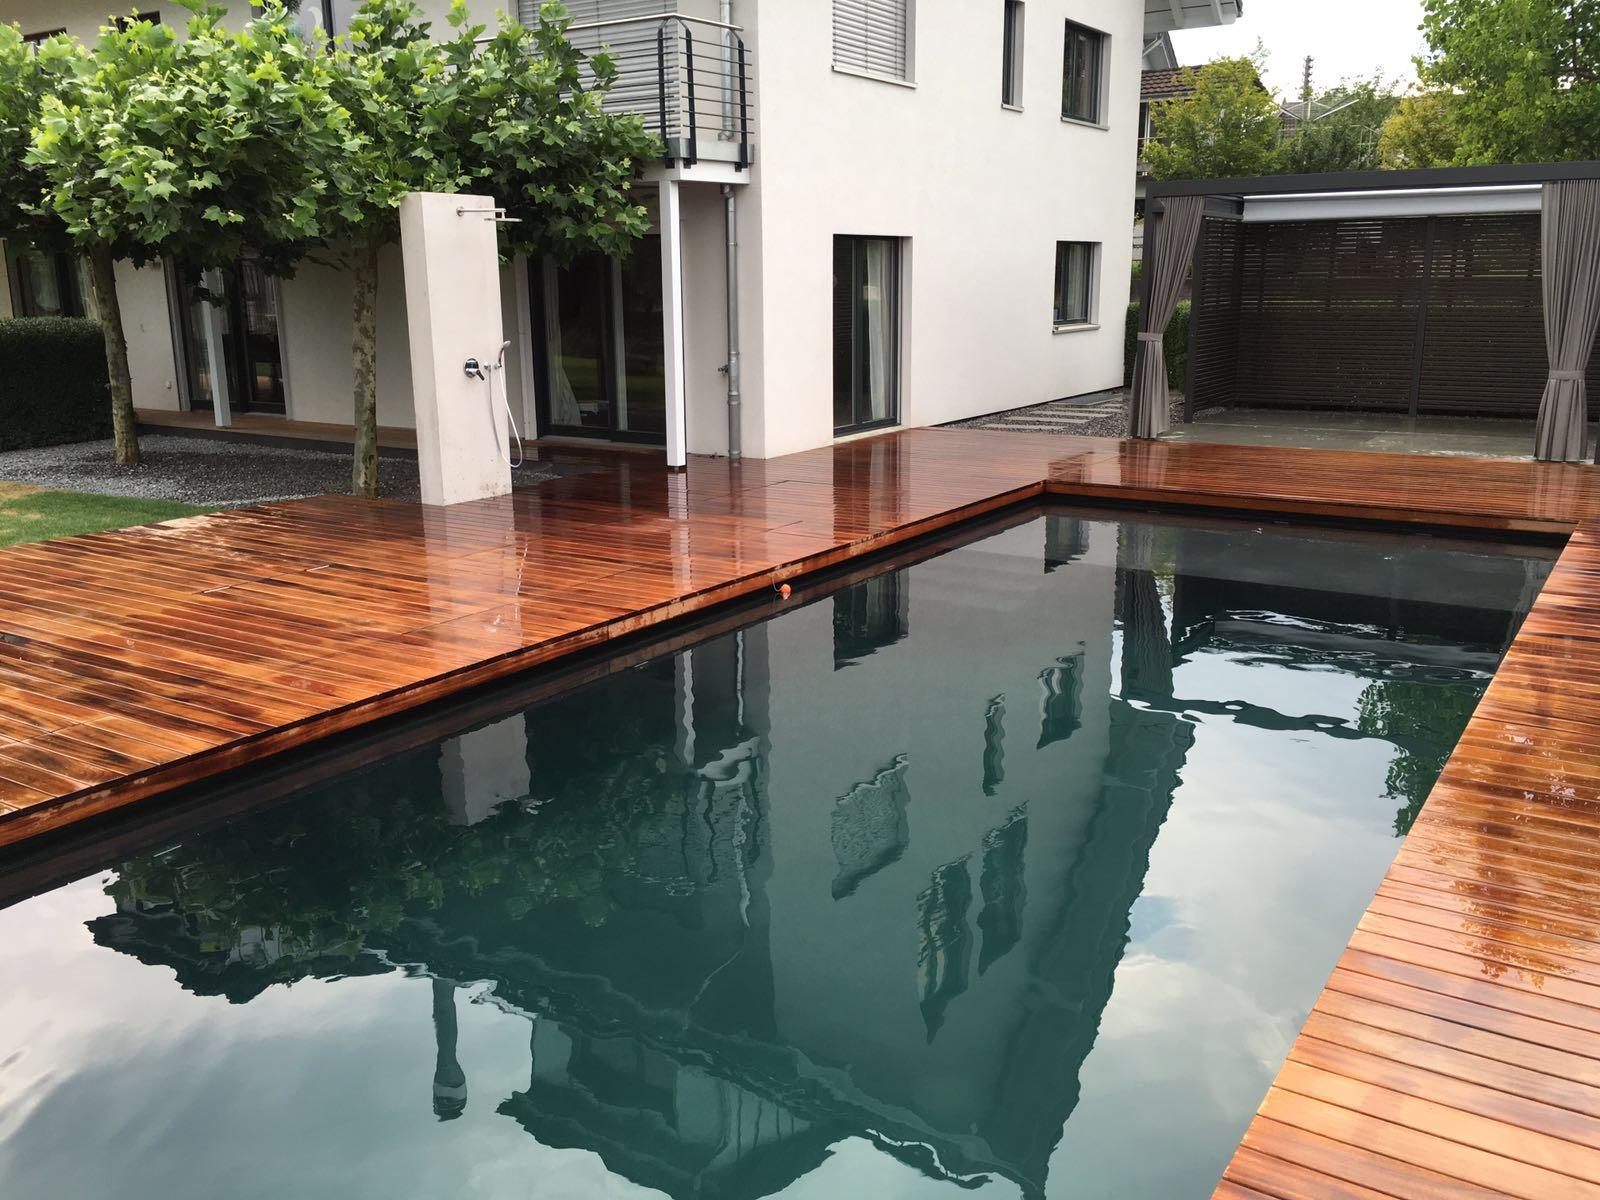 Der Poolbereich Wird Durch Ein Grosszügiges Holzdeck Mit Pergola Und  Sichtschutz Ergänzt. Der Pool Enthält Eine Niedrigwasserzone Für Kinder  Oder Relaxende ...